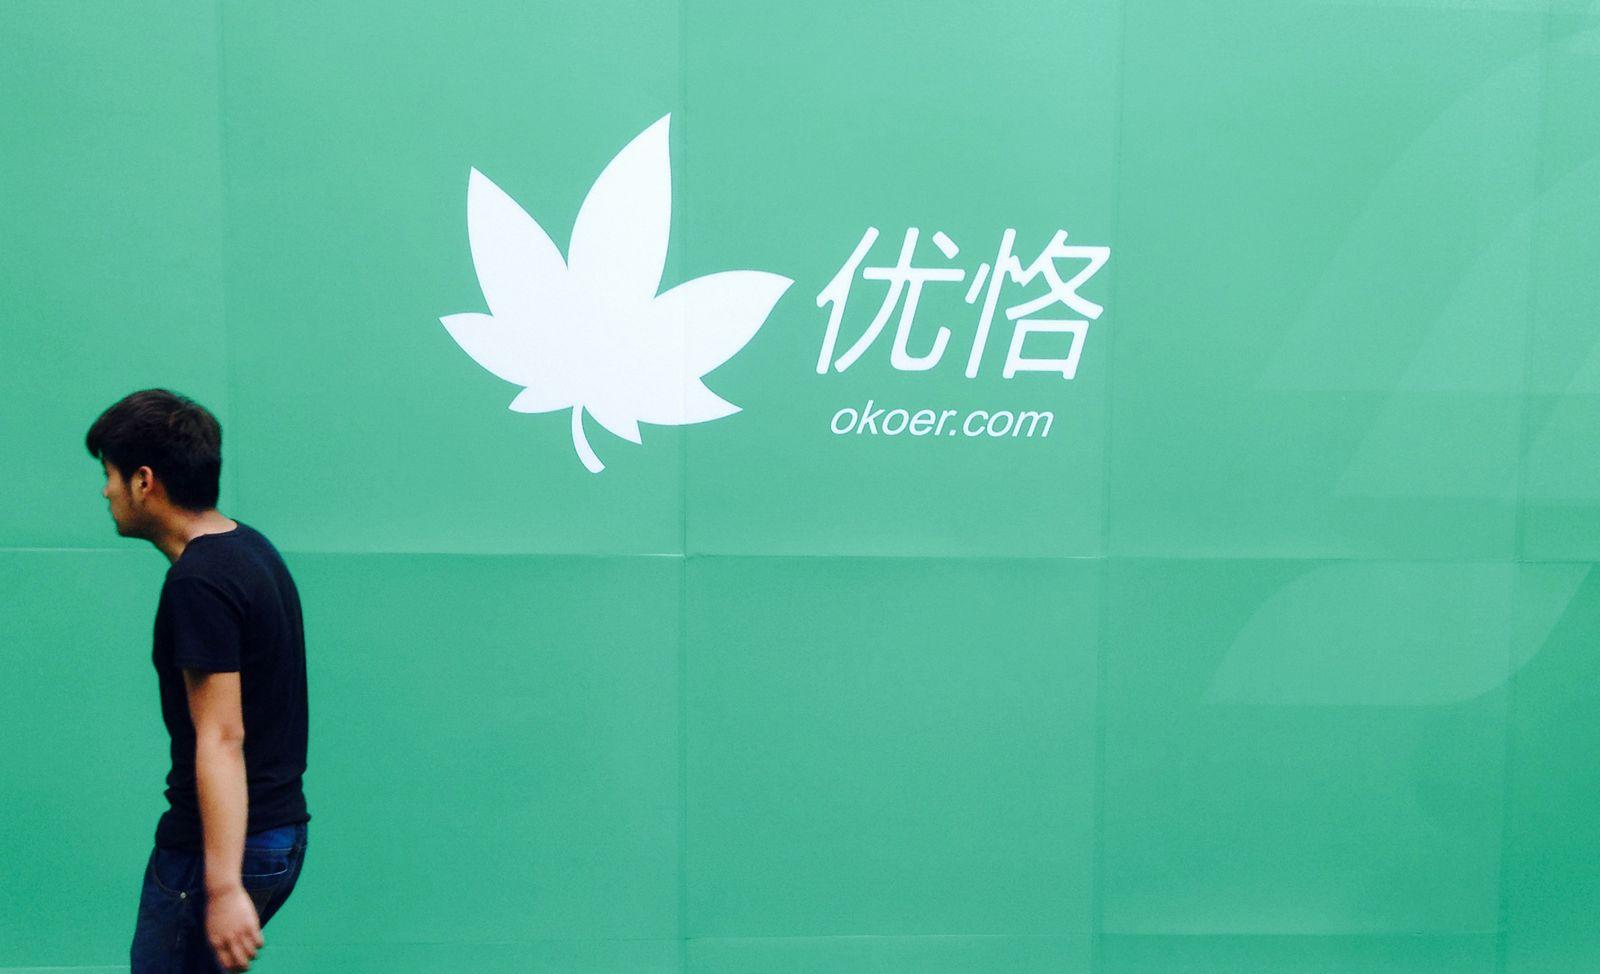 China Verbraucherportal Okoer